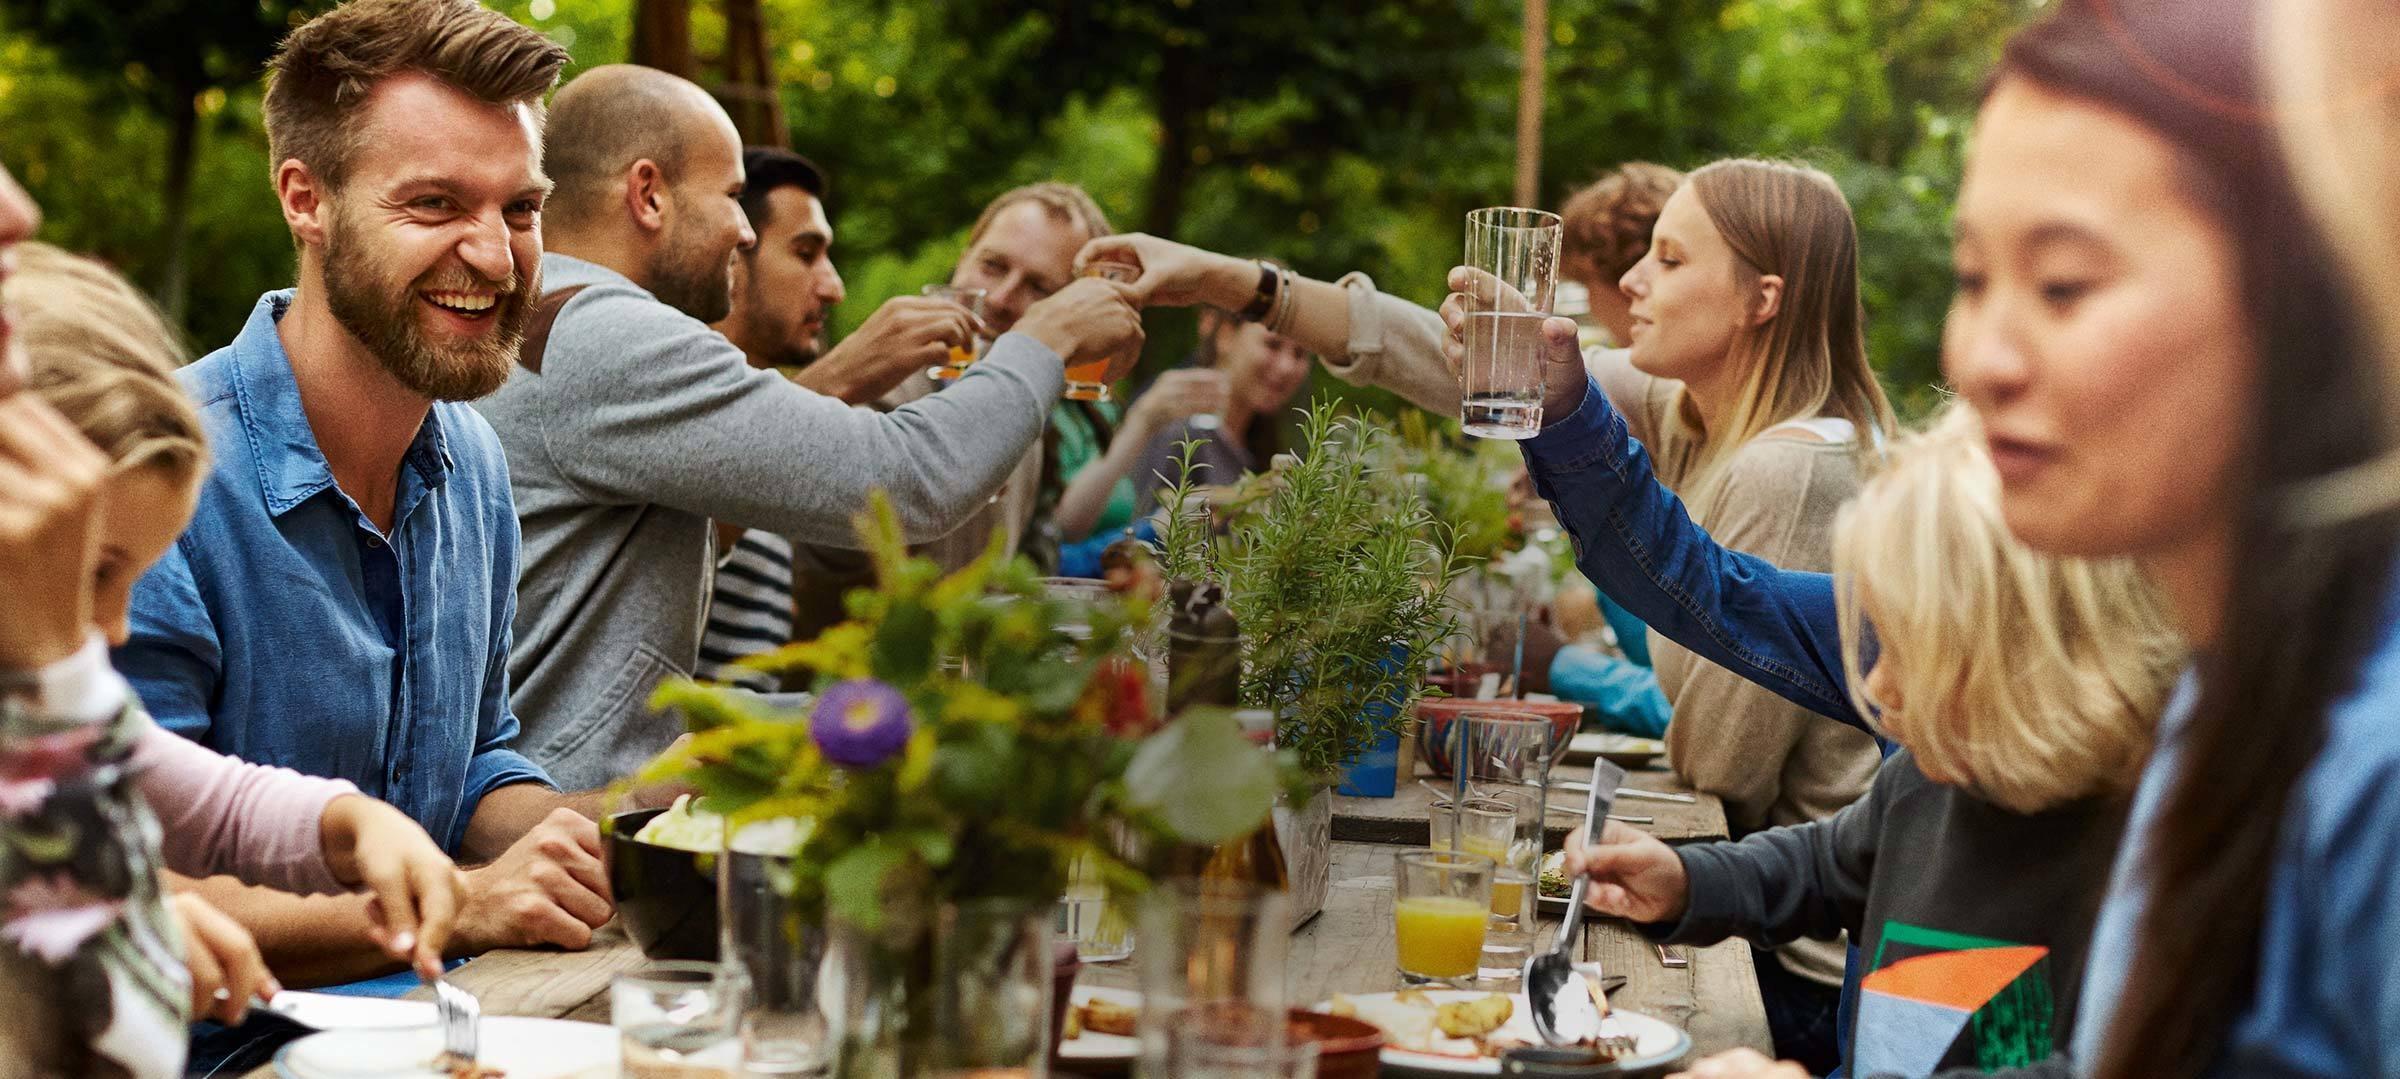 Schöne Momente mit Familie und Freunden geniessen